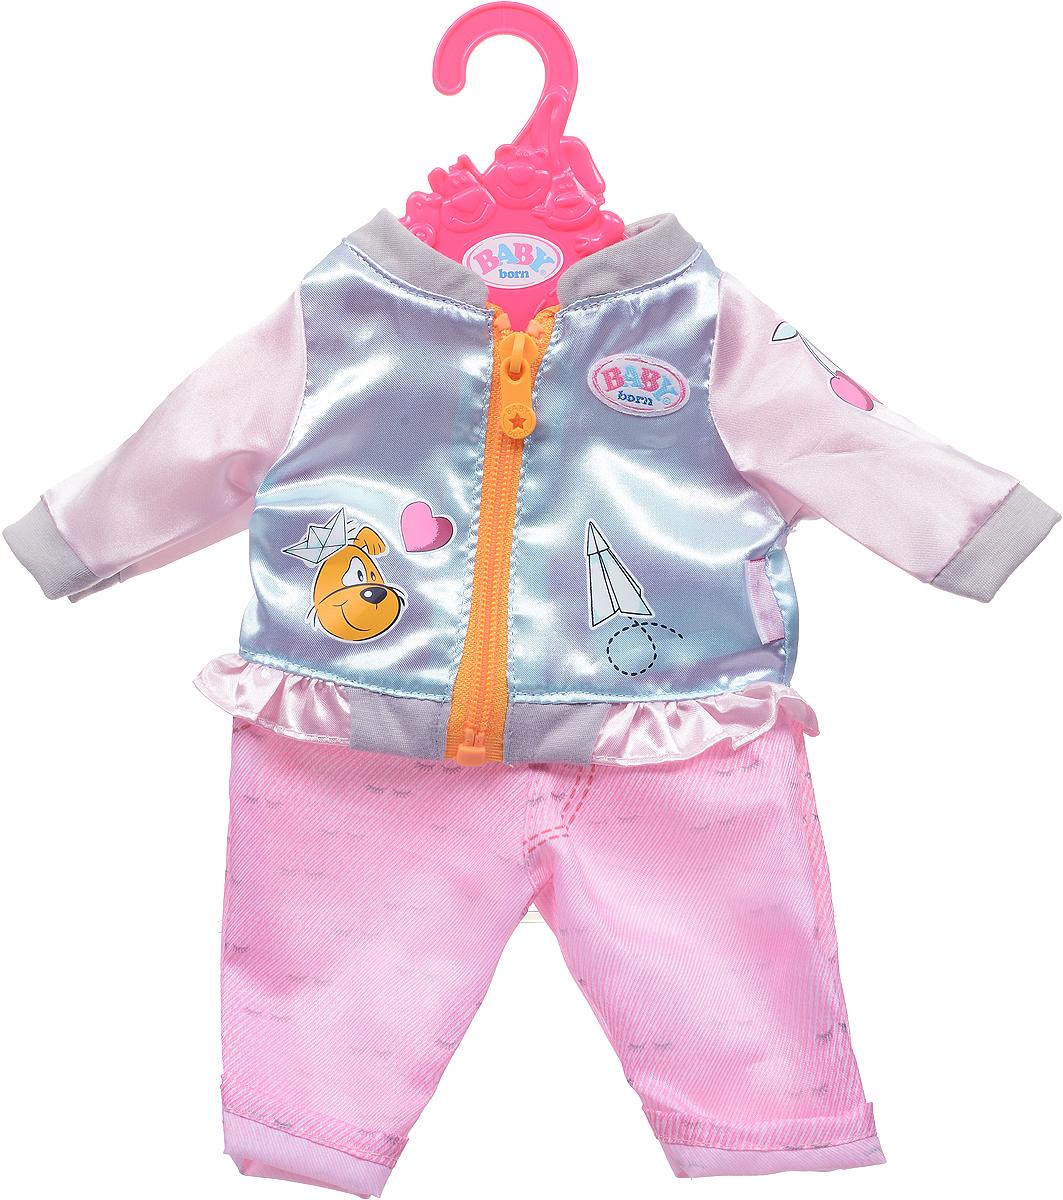 Zapf Creation Одежда для куклы BABY born 824-542, Куртка голубая, штаны розовые детское питание для куклы zapf creation